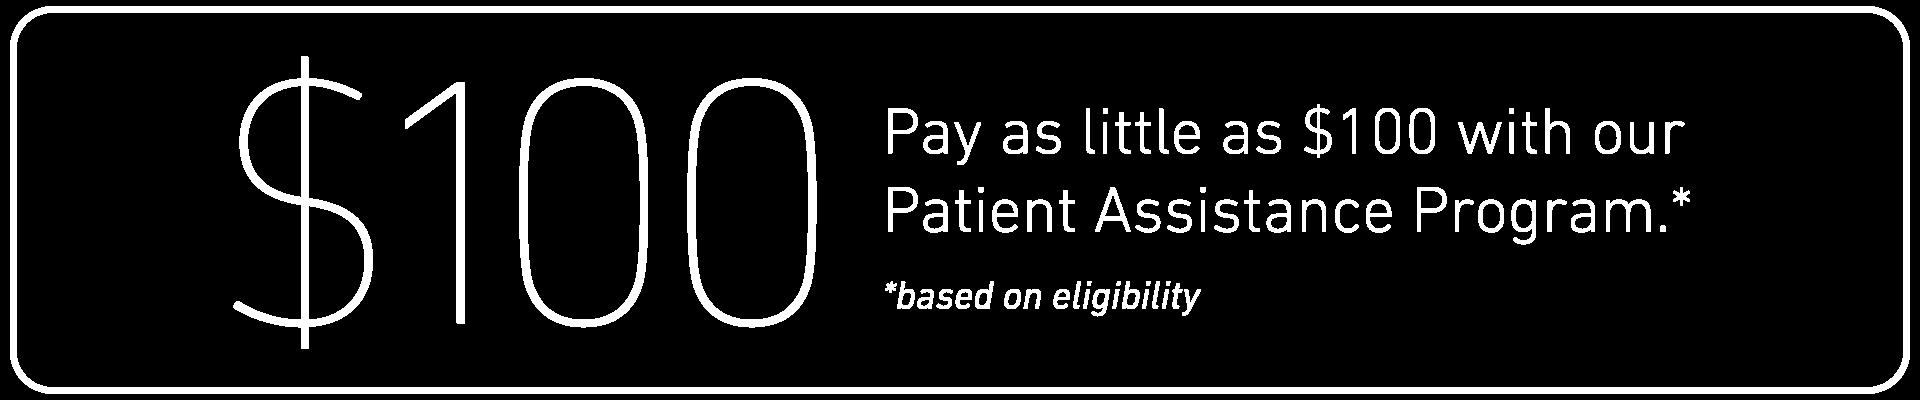 Patient Assistance | Baylor Genetics